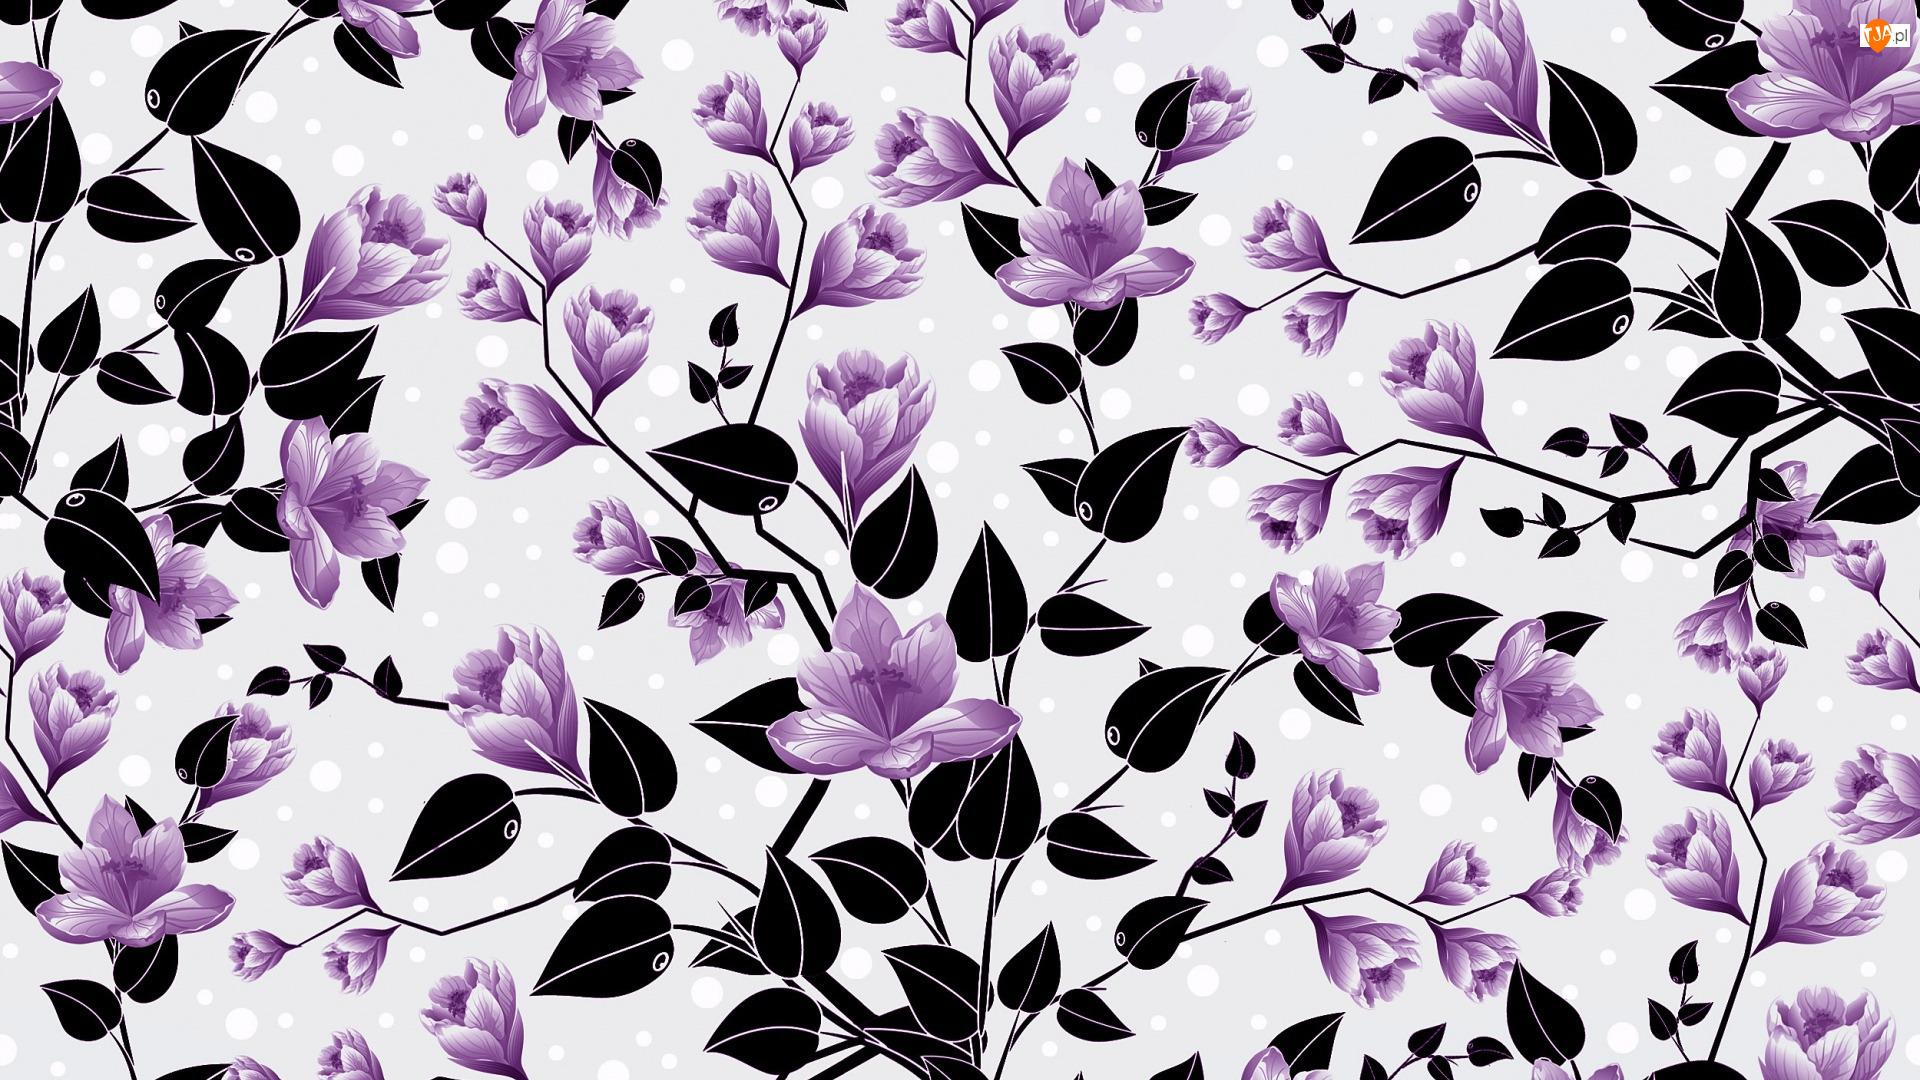 Kwiaty, Fioletowe, Listki, Tekstura, Czarne, Tło